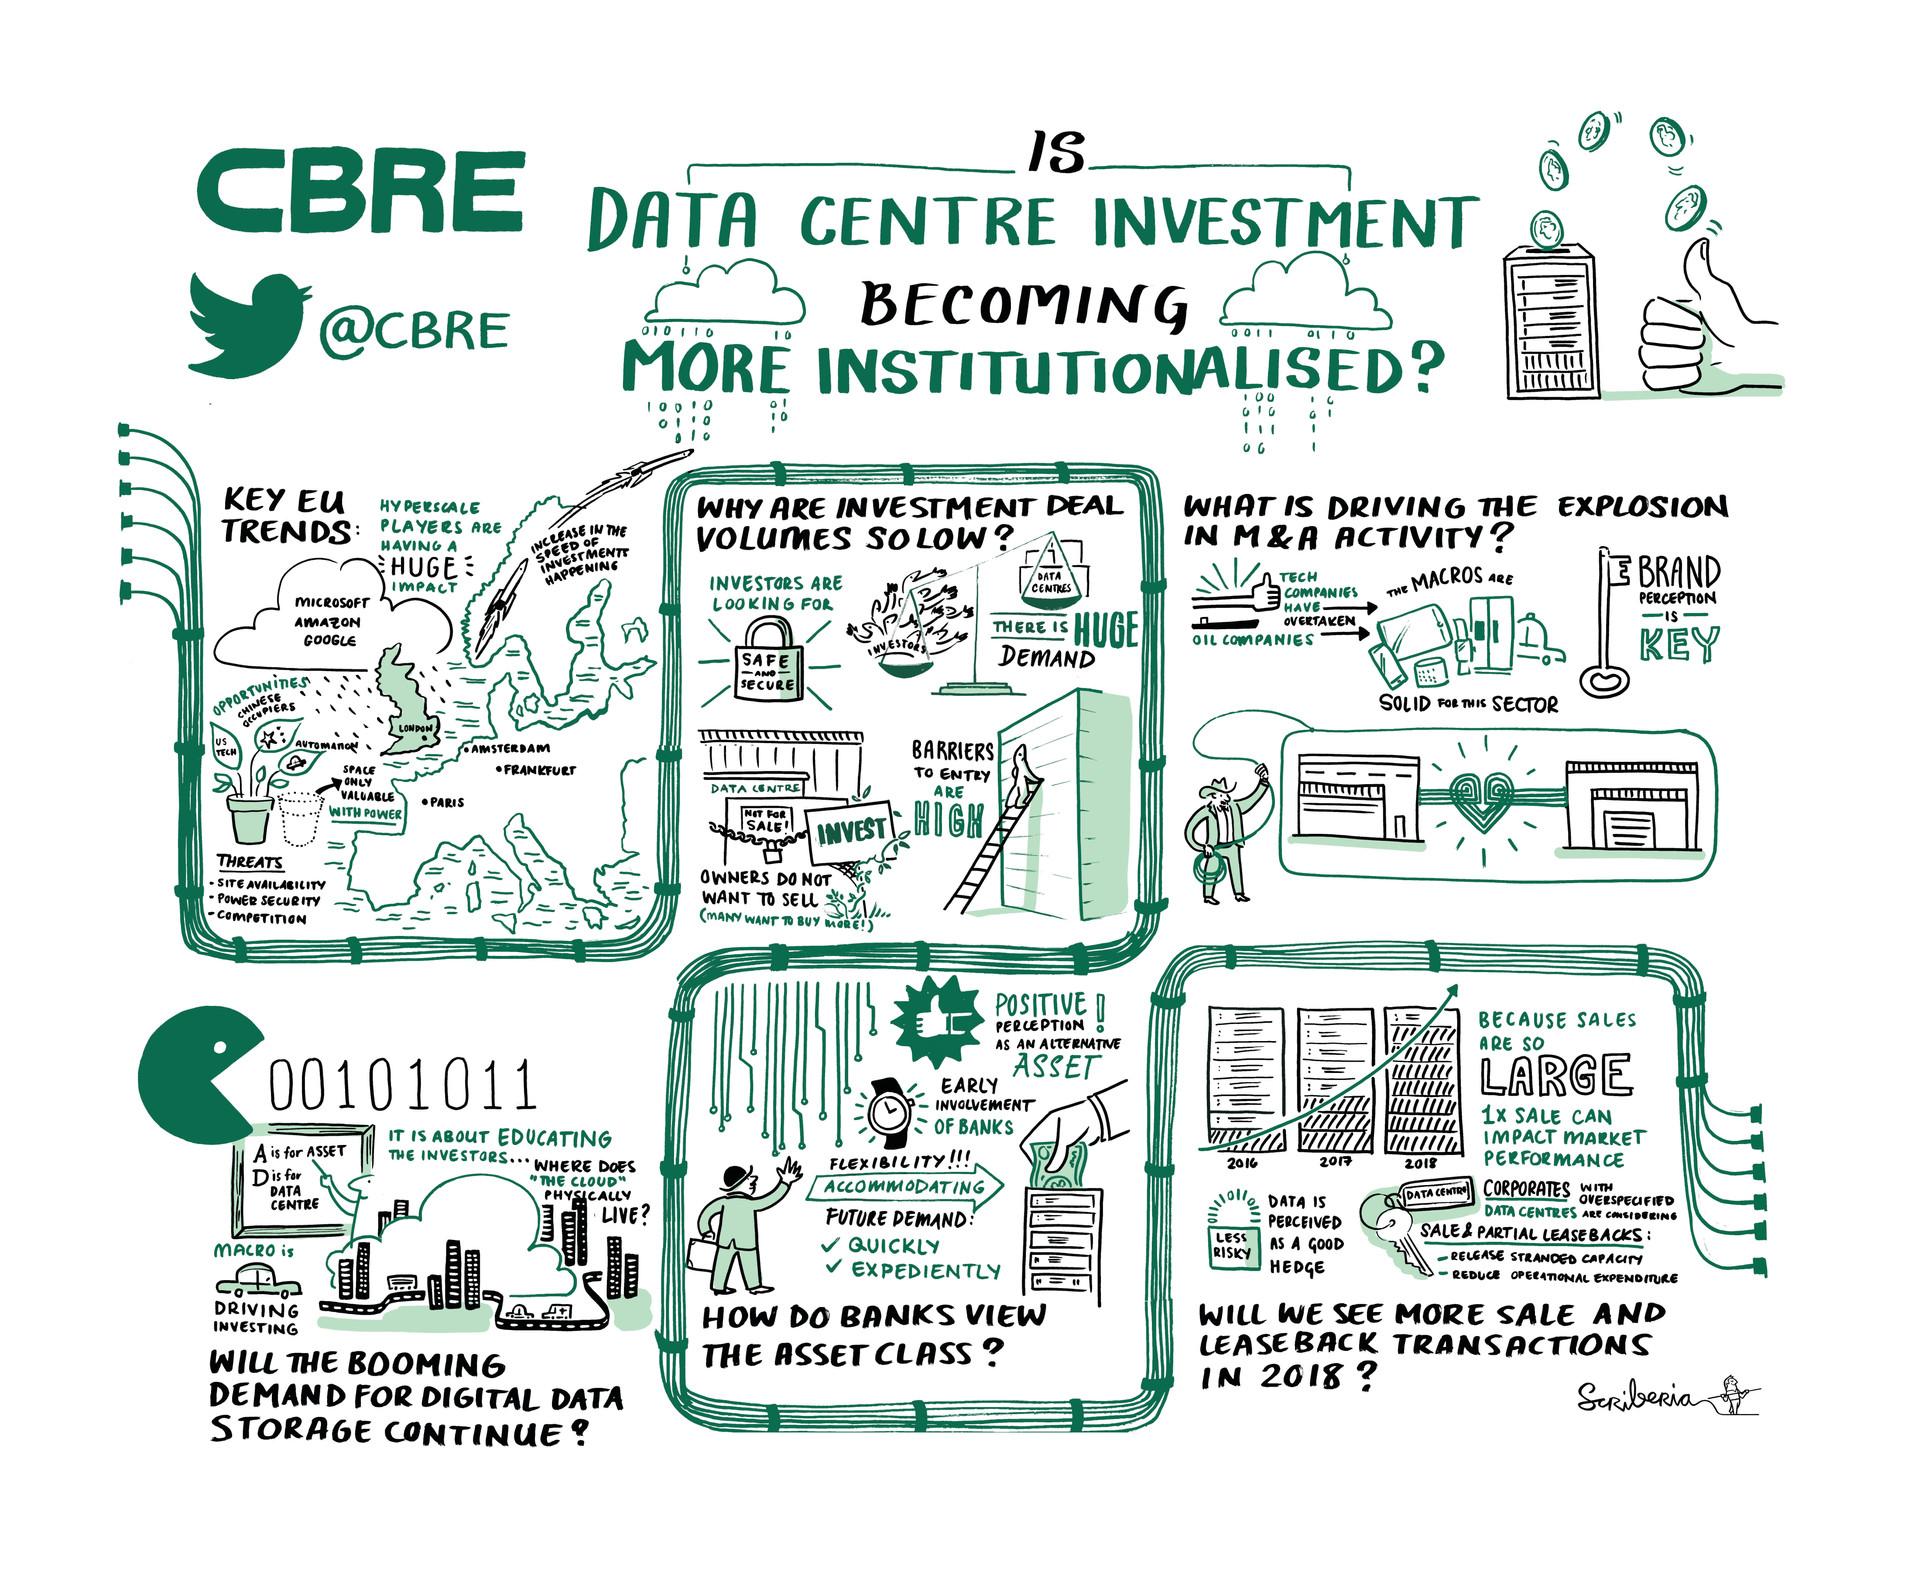 CBRE Data Centre Investment Breakfast